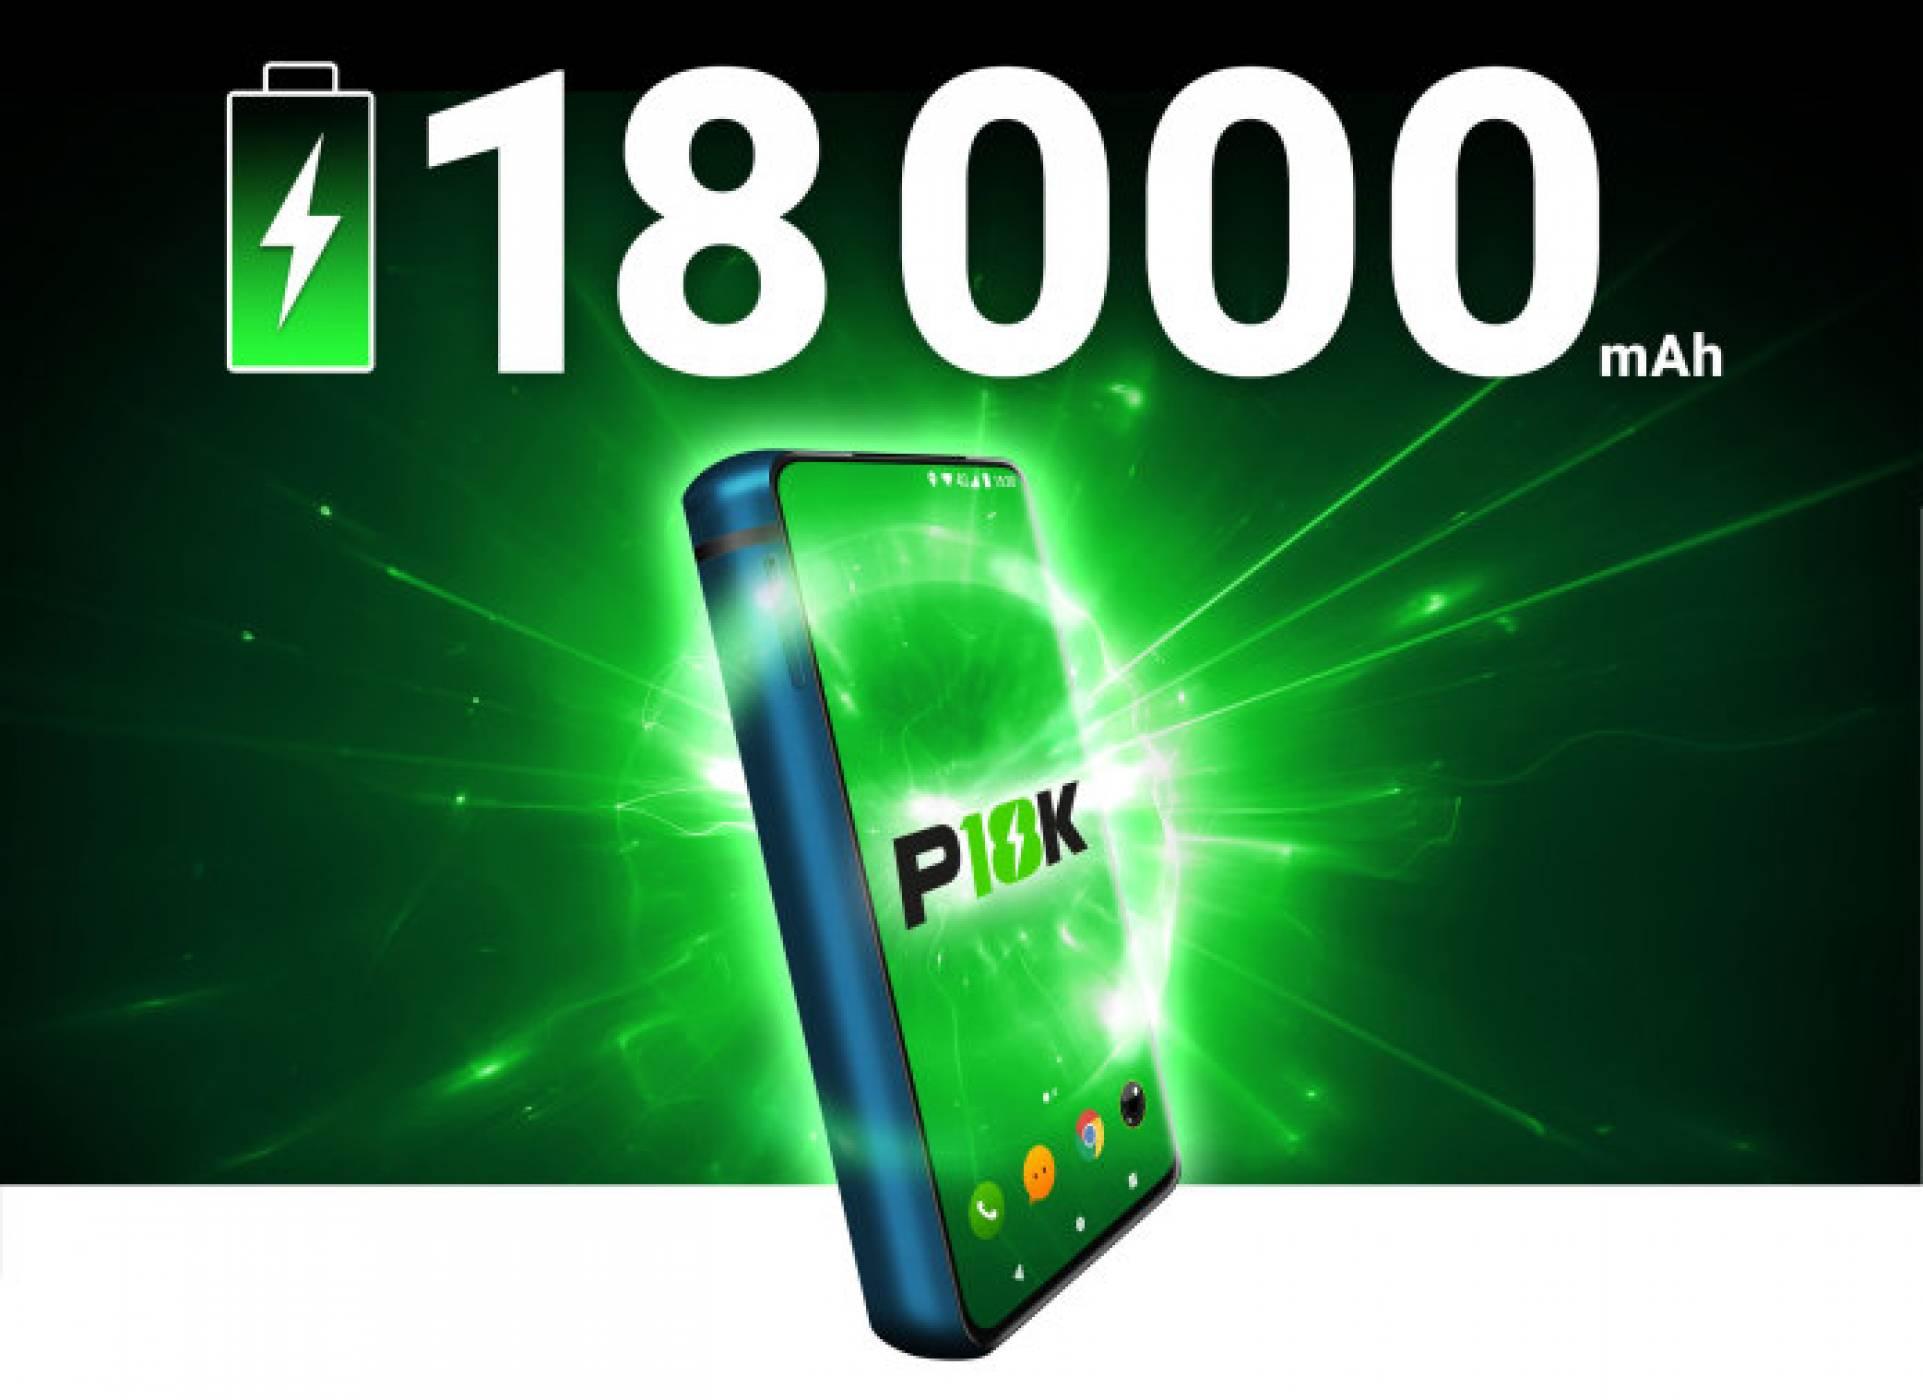 Известна е цената на телефона батерия Energizer Power Max P18K Pop (ВИДЕО)